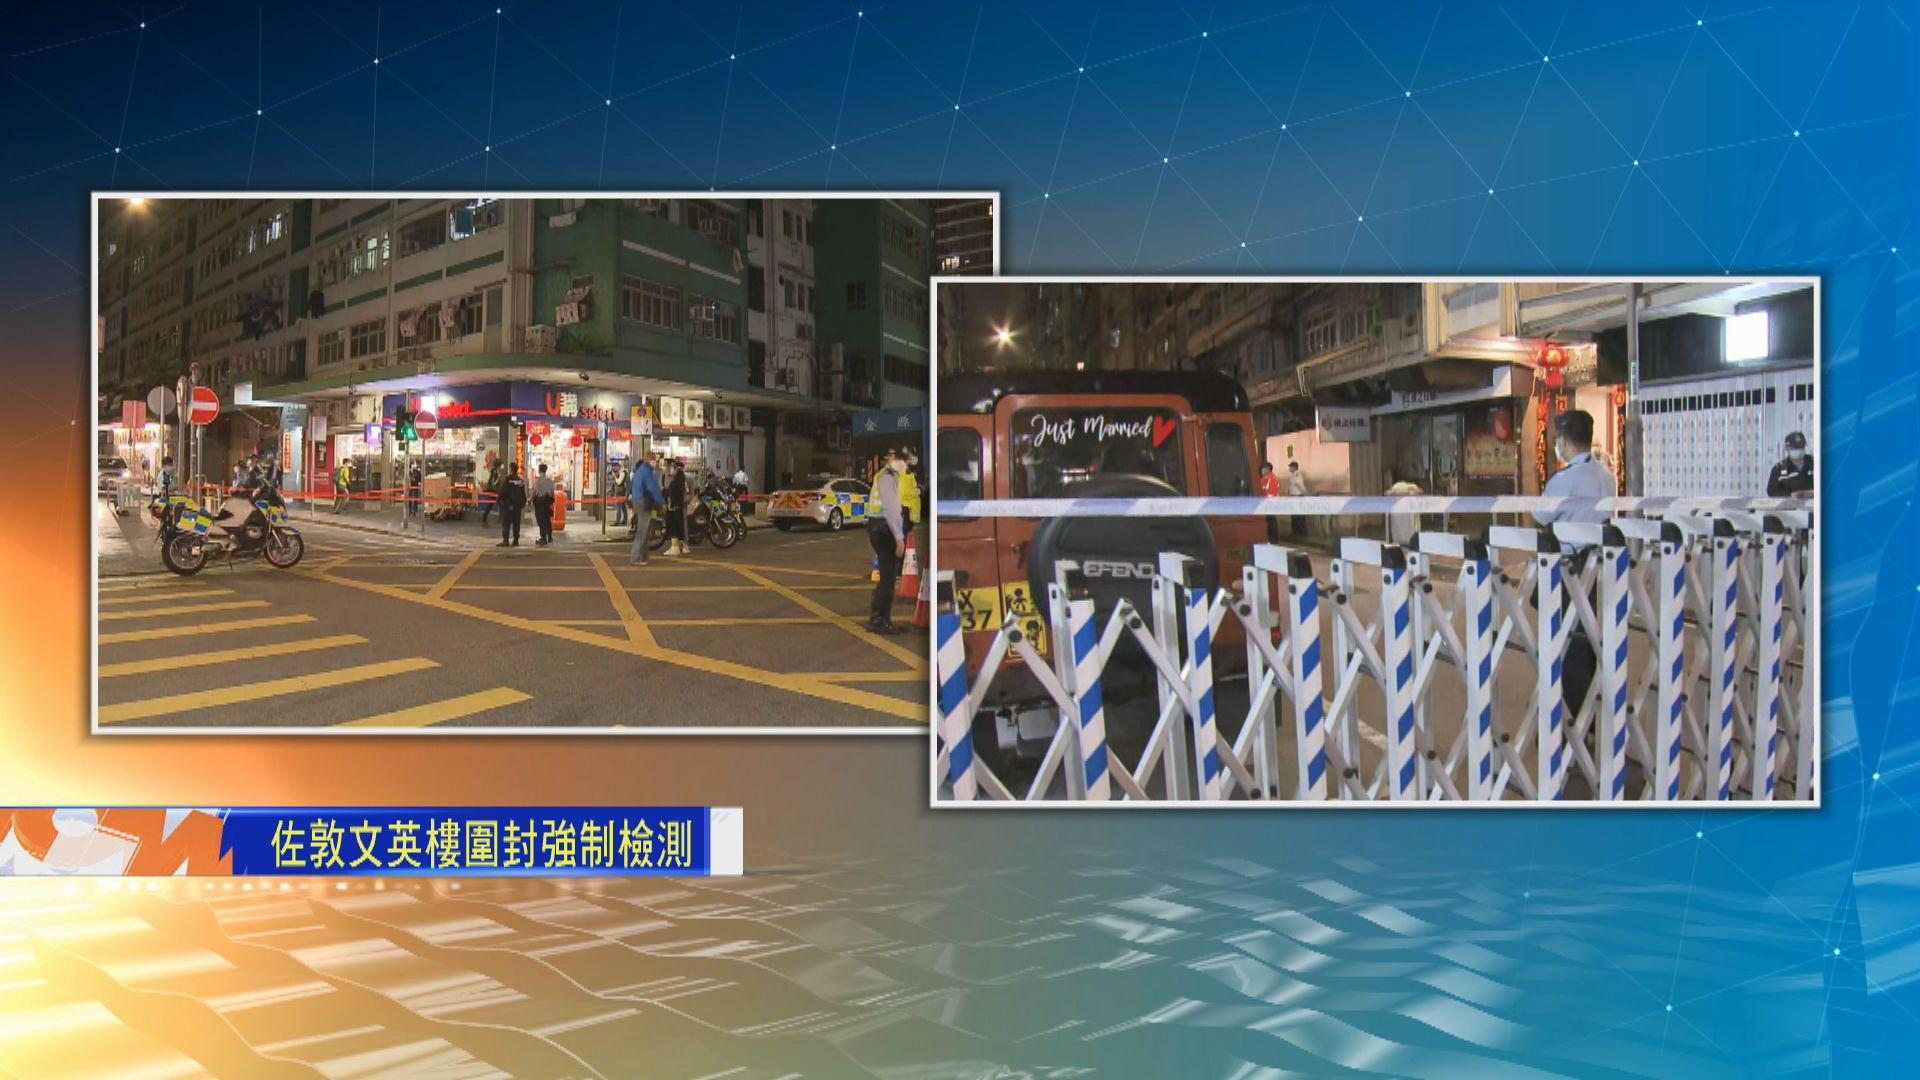 【現場報道】佐敦文英樓圍封 6個出入口均有警員駐守